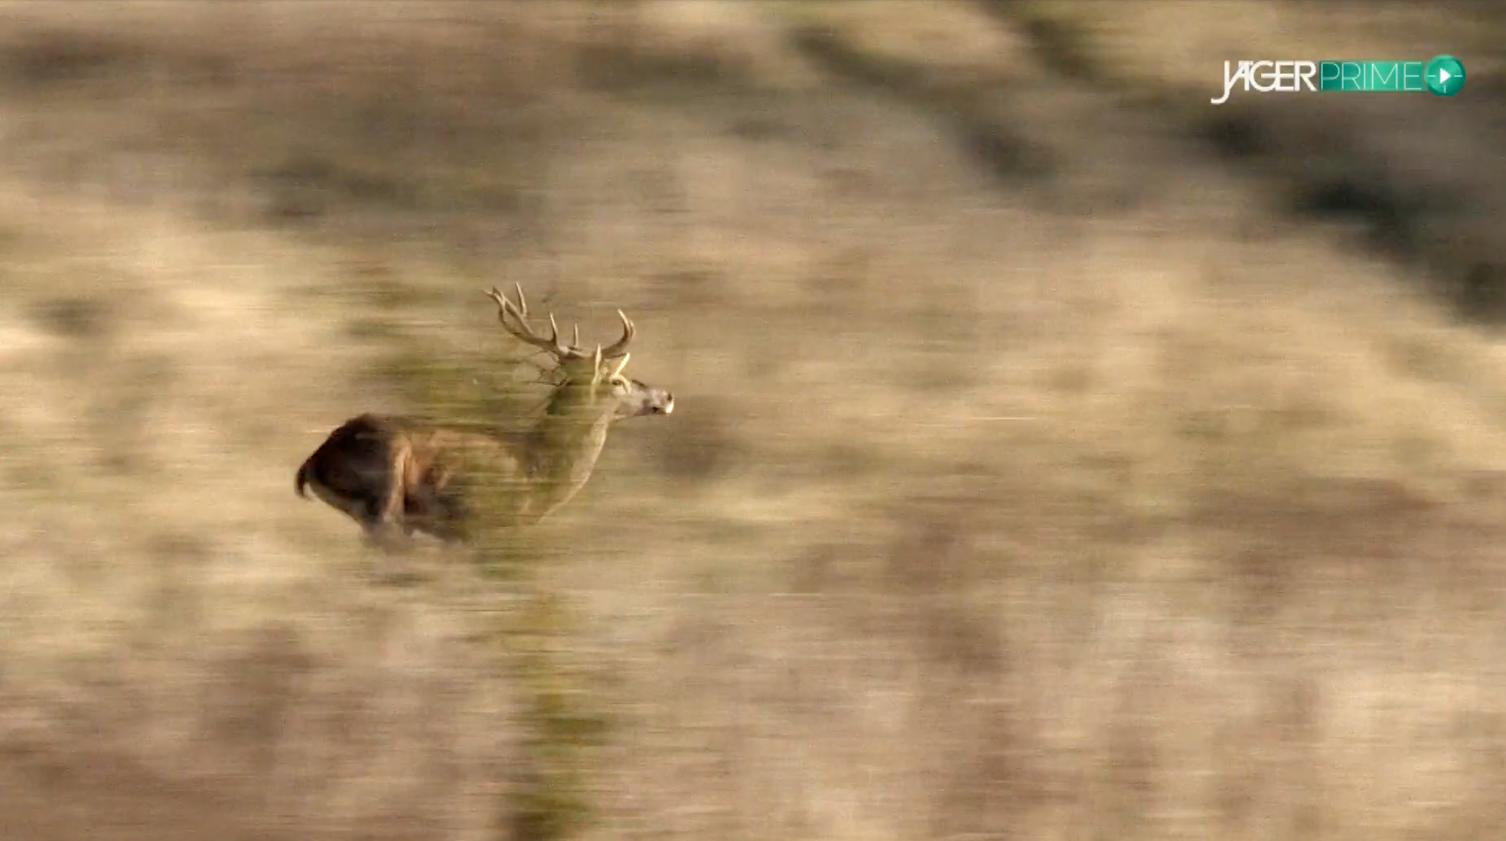 Drückjagd in der Heimat Teil 1 - JÄGER Prime - Jagdvideos in FullHD